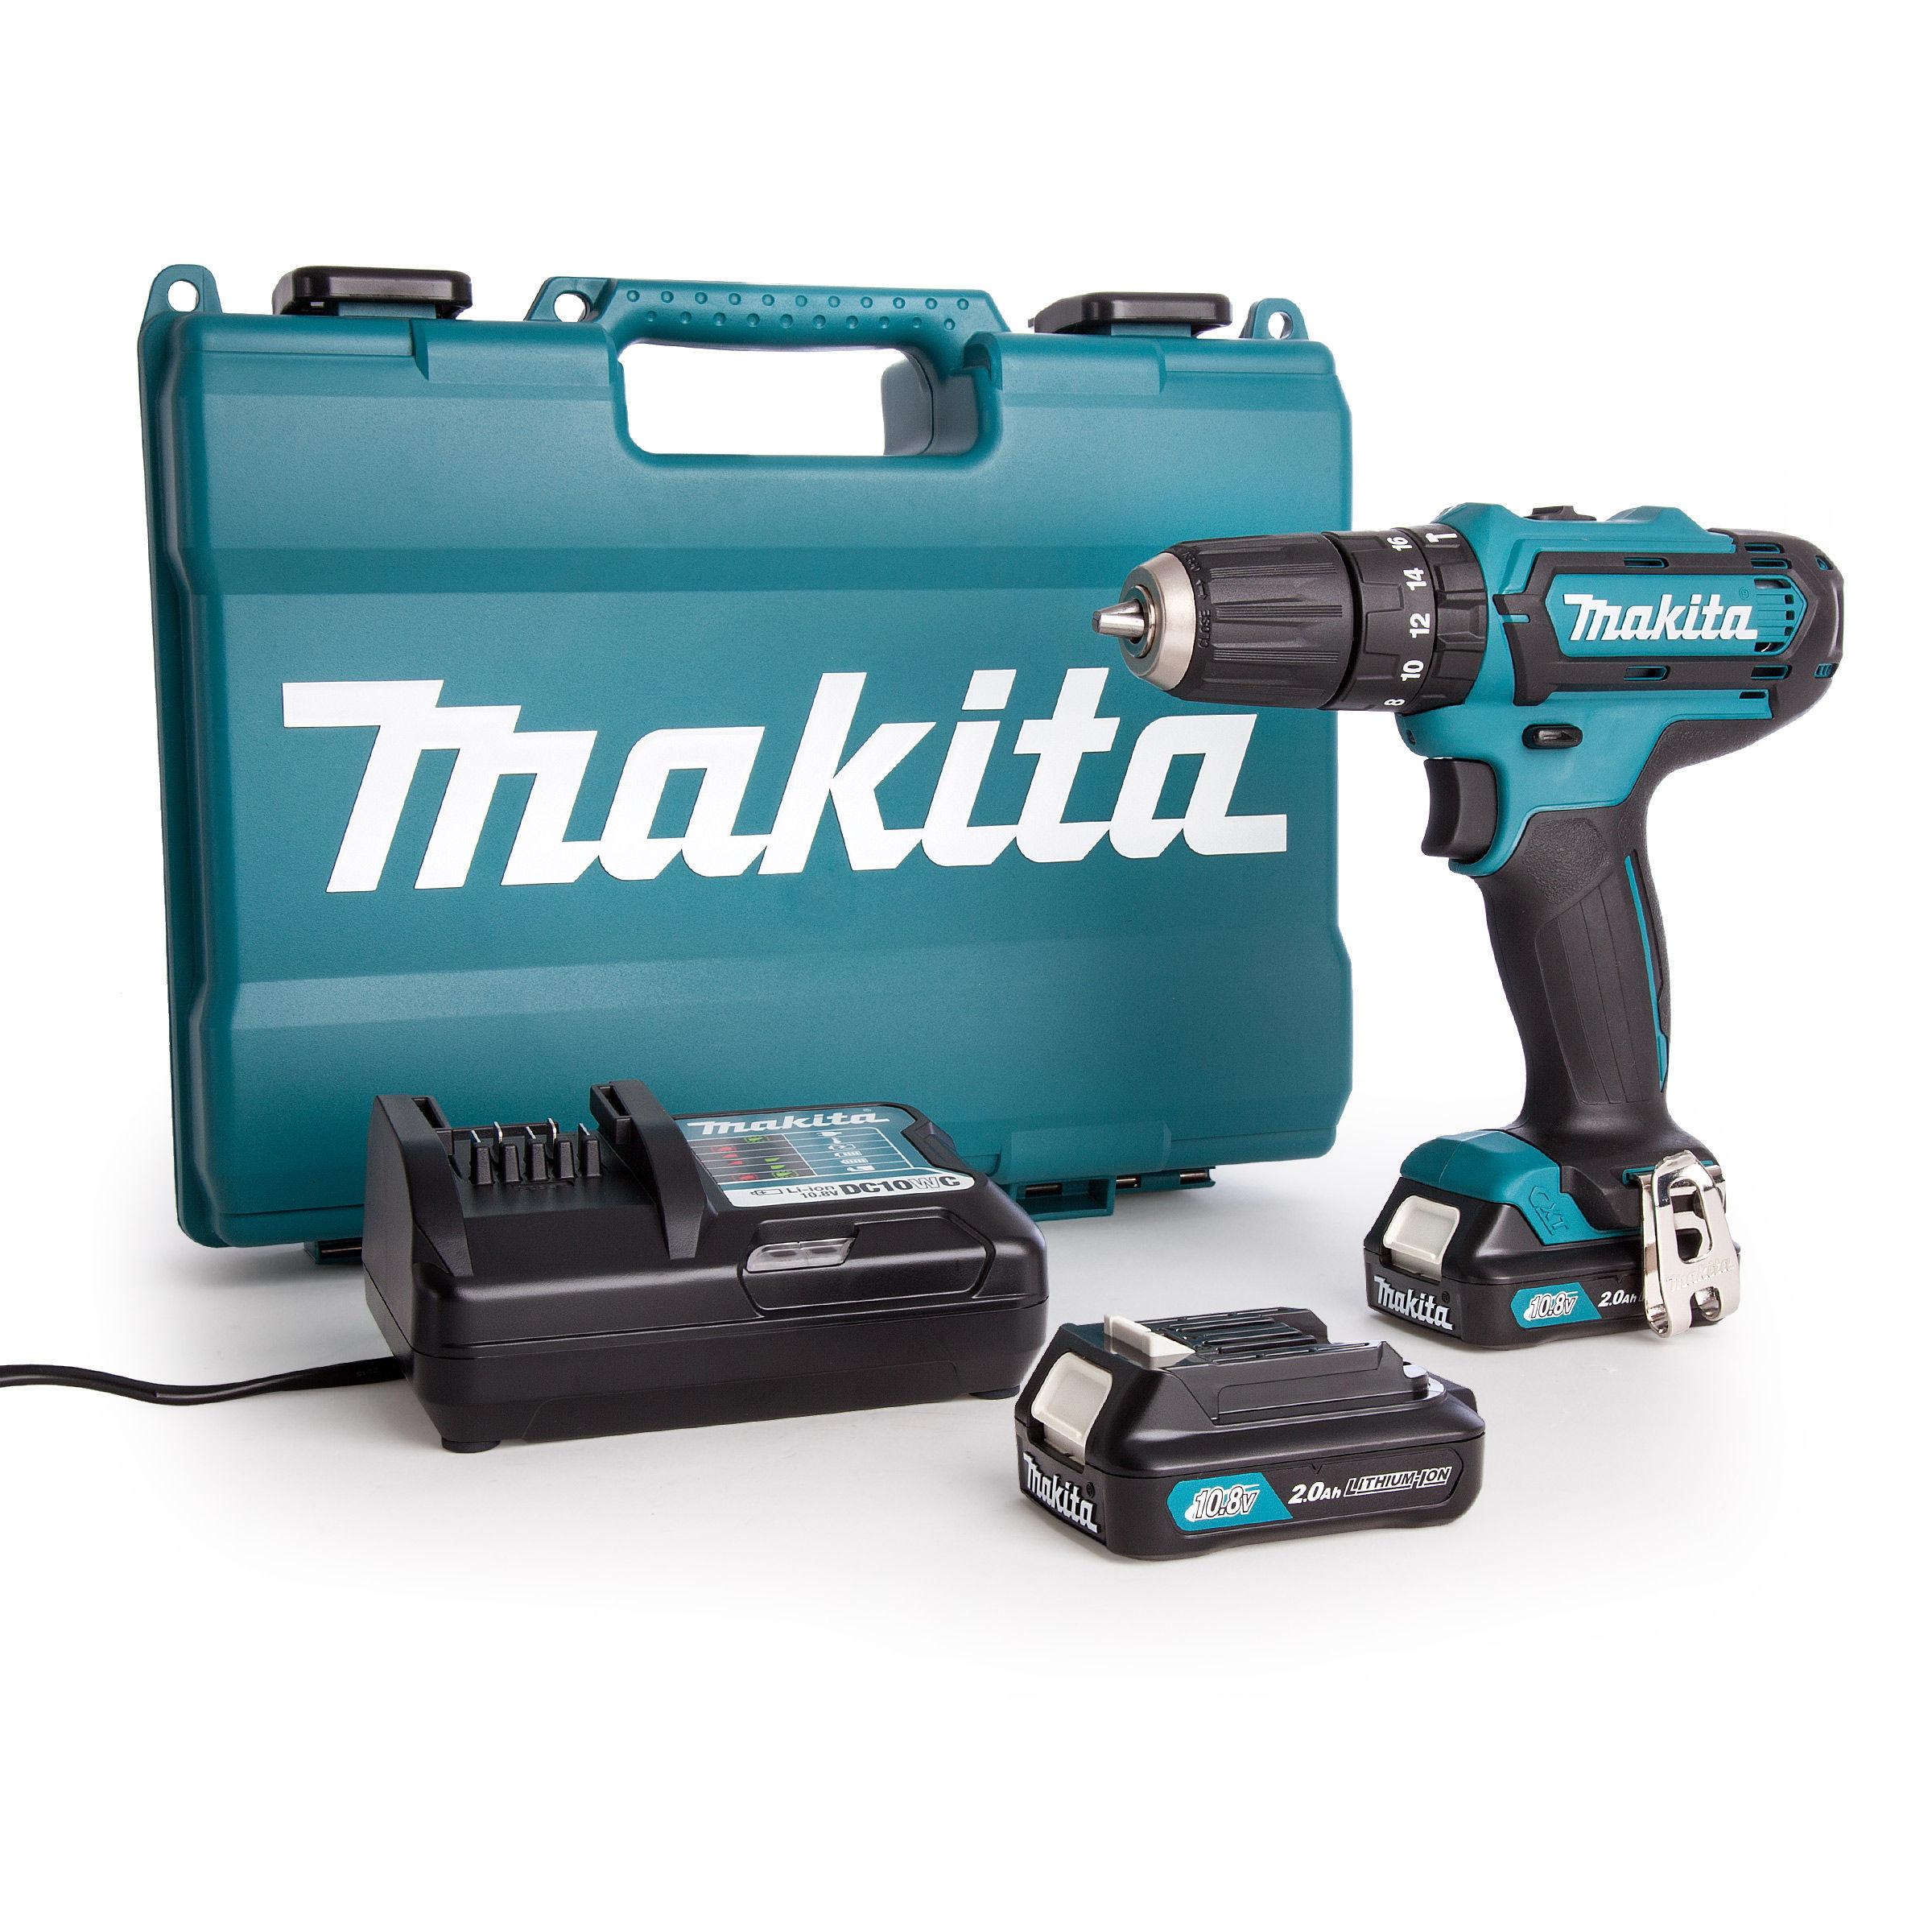 Rørig Toolstop Makita HP331DWAE Combi Drill 10.8V CXT Cordless Li-ion (2 LL-01